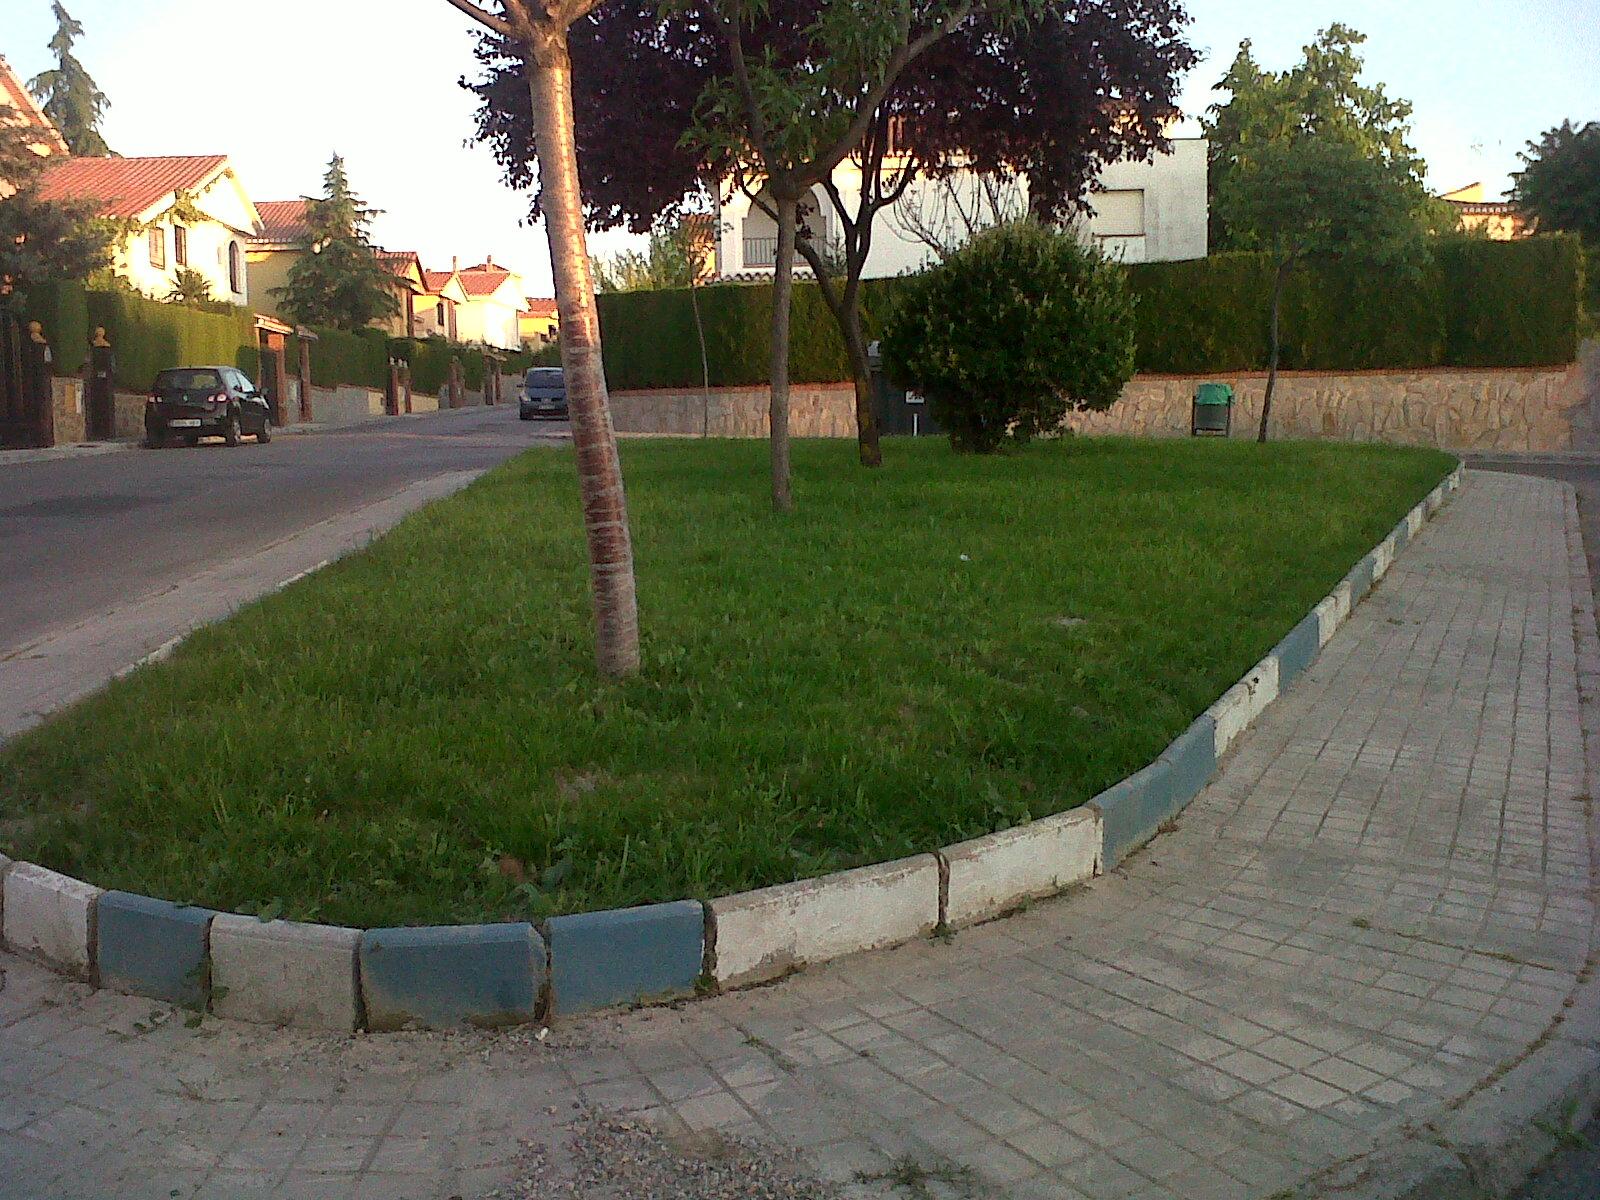 Parques y jardines de ogijares arreglo jardines c granada for Parques y jardines